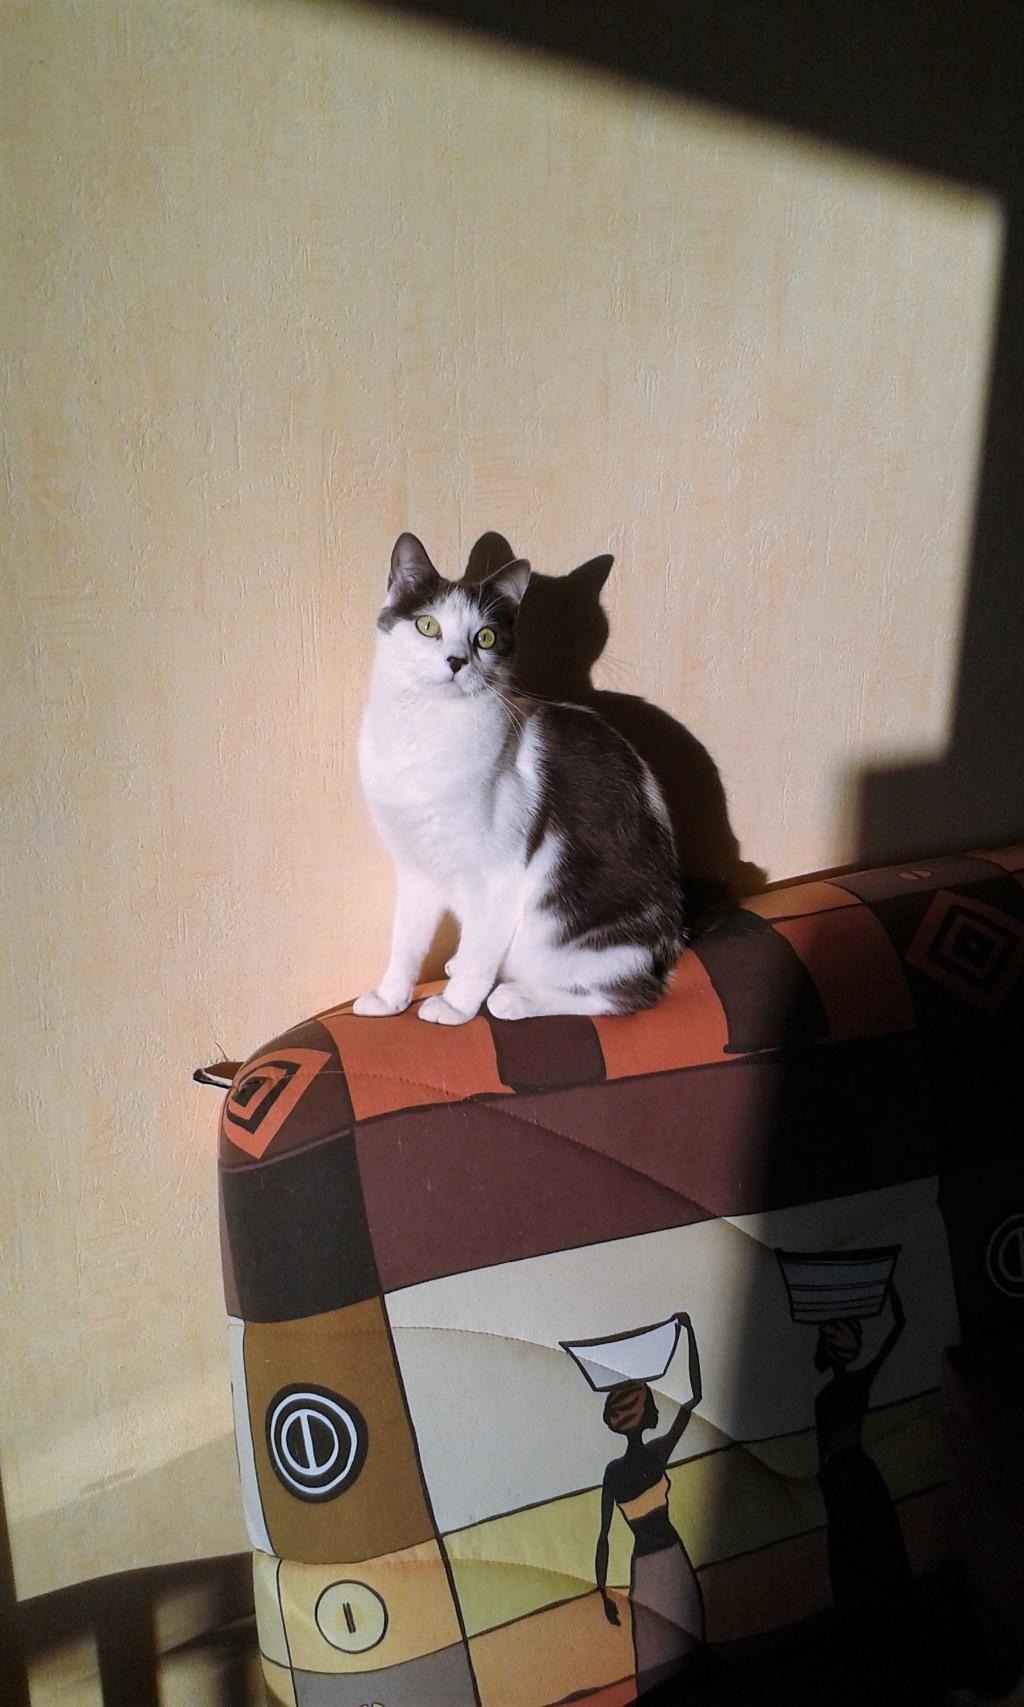 nolo - NOLO, chaton européen gris & blanc, né le 15/08/17 02110